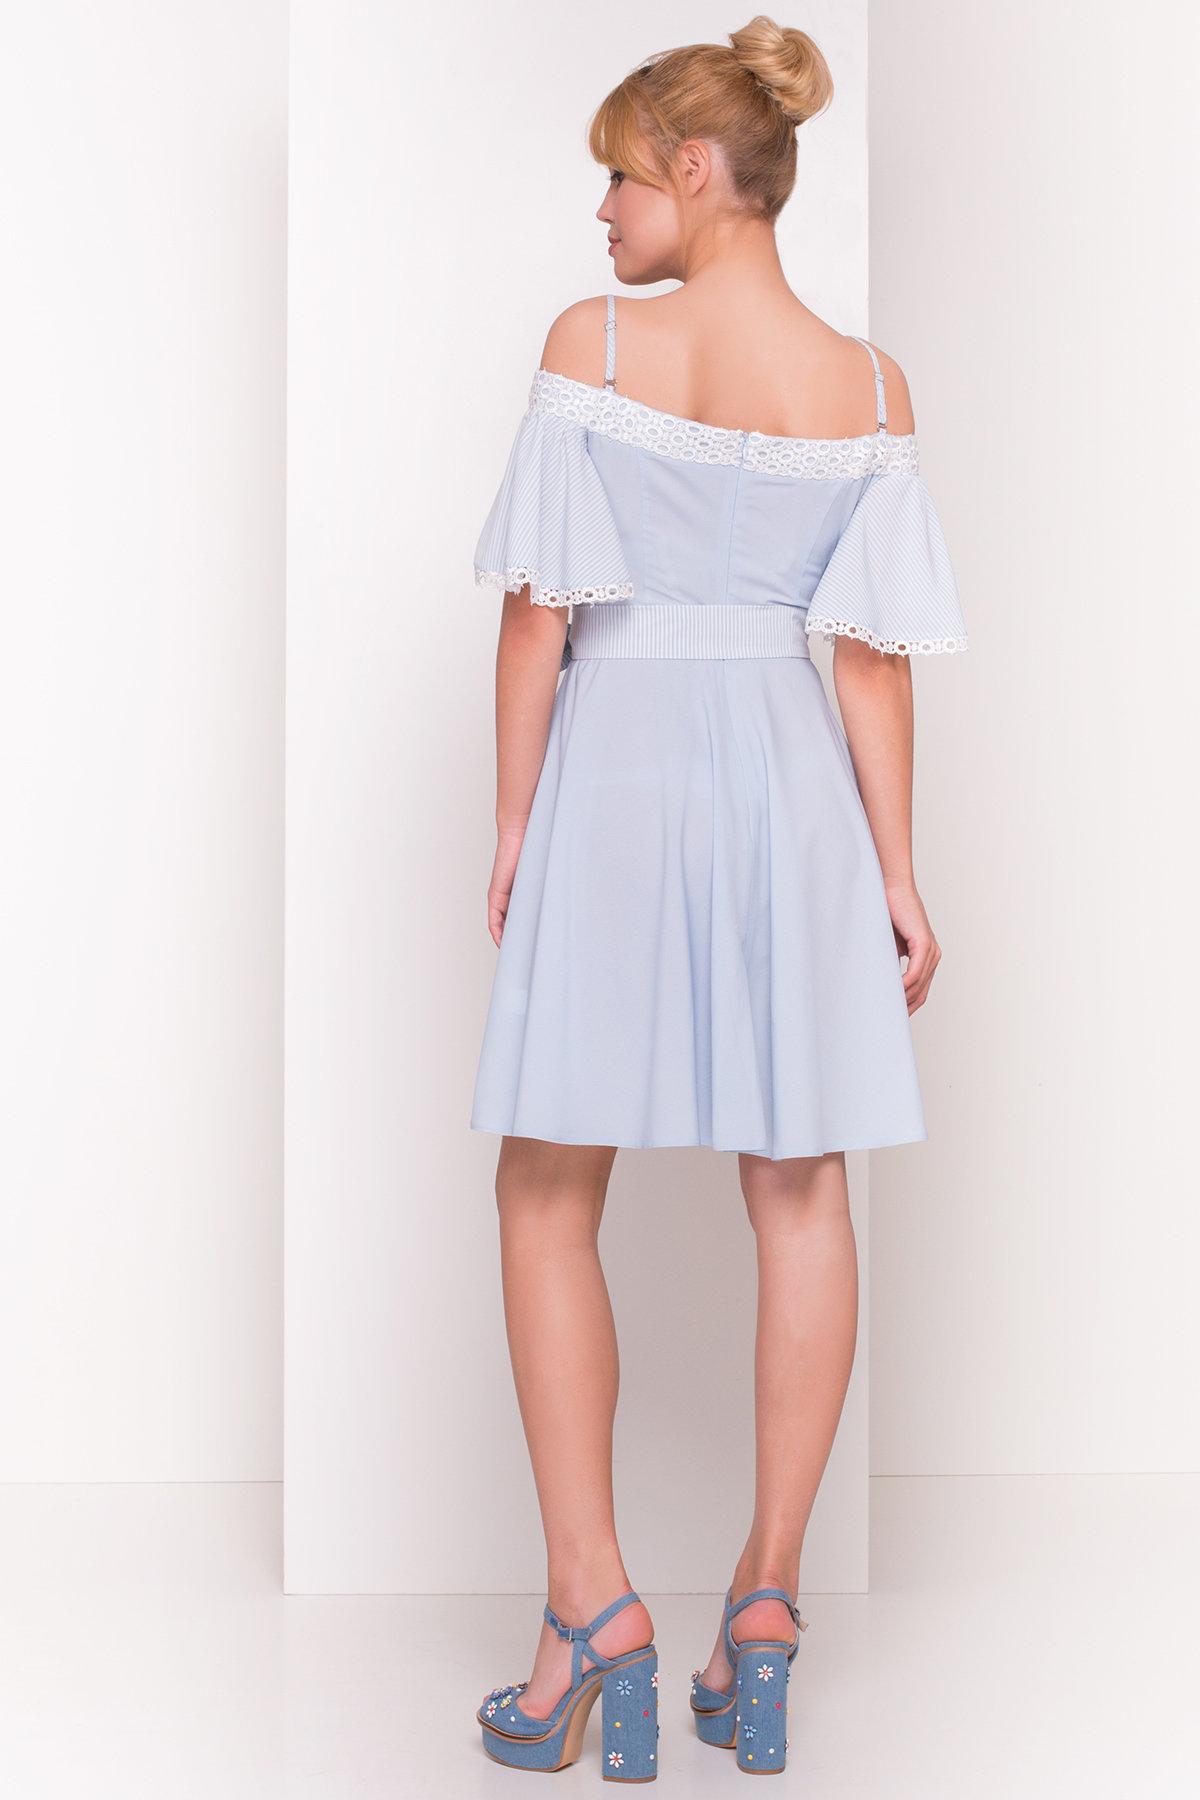 Платье Виолетта 4984 АРТ. 35583 Цвет: Голубой/ молоко горох - фото 3, интернет магазин tm-modus.ru